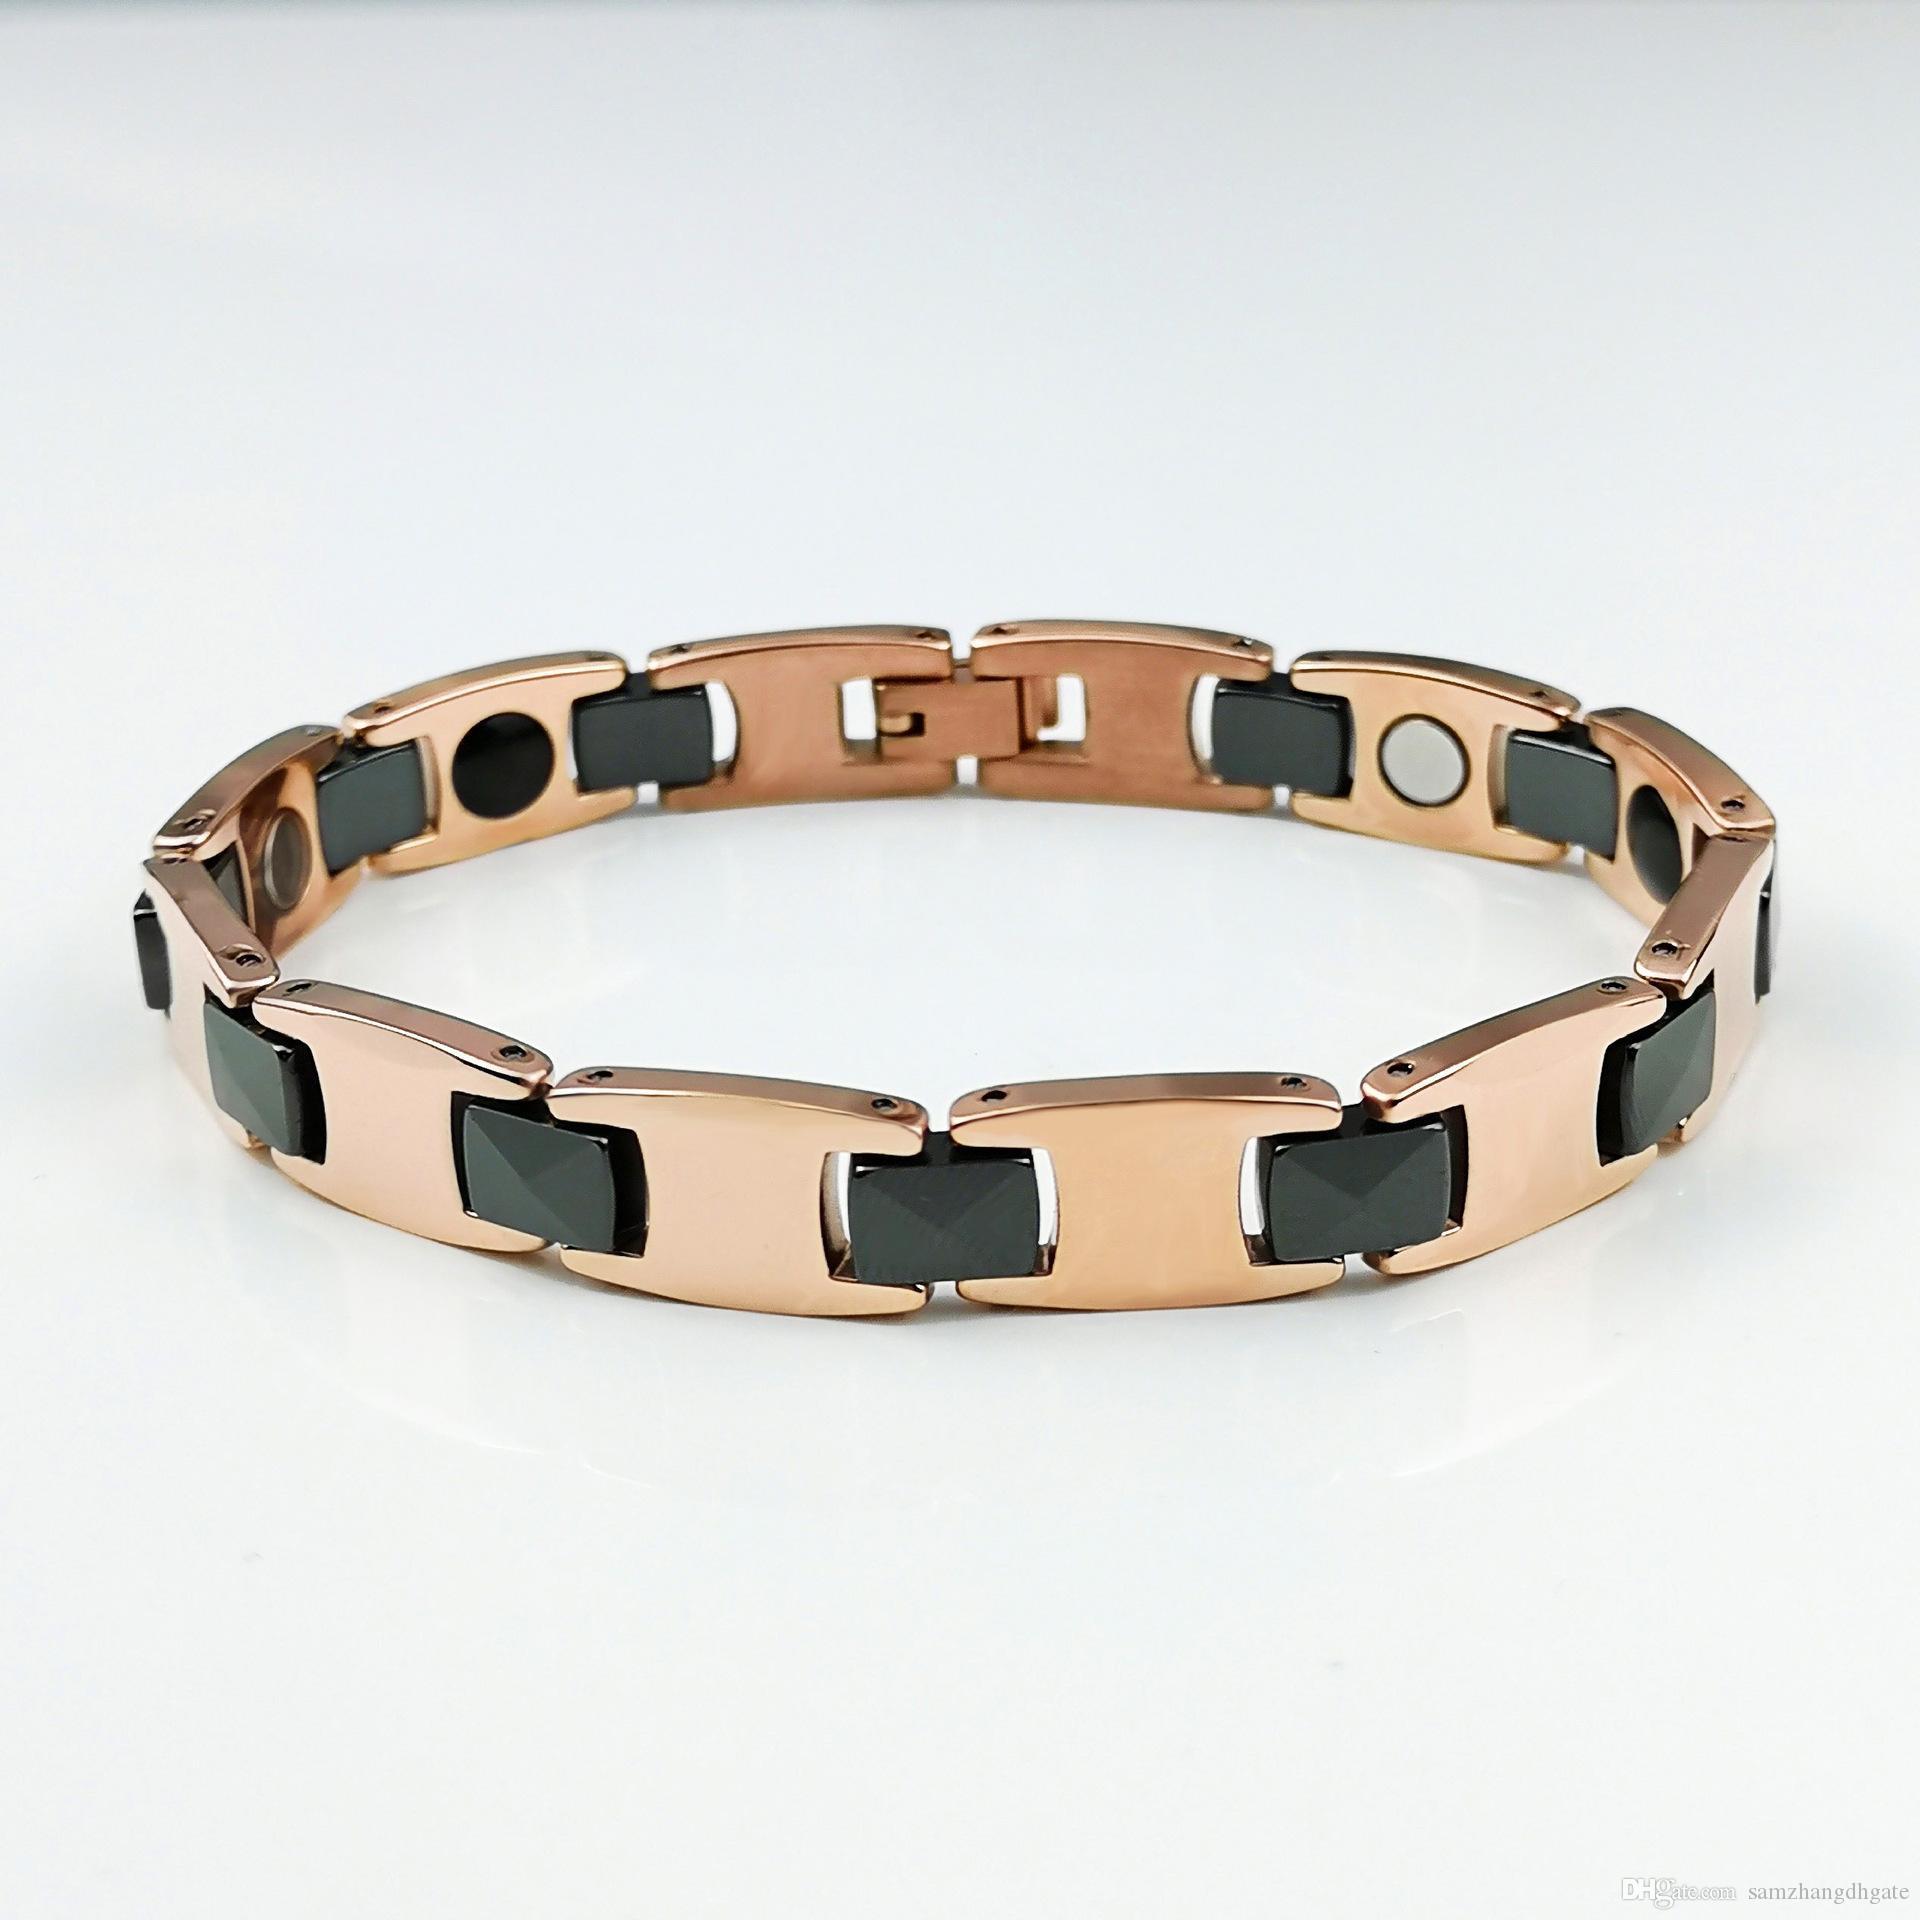 G47 Brand new Top quality men's tungsten bracelets tungsten magnetic bracelets tungsten ceramic magnetic bracelets power balance jewelry GZ